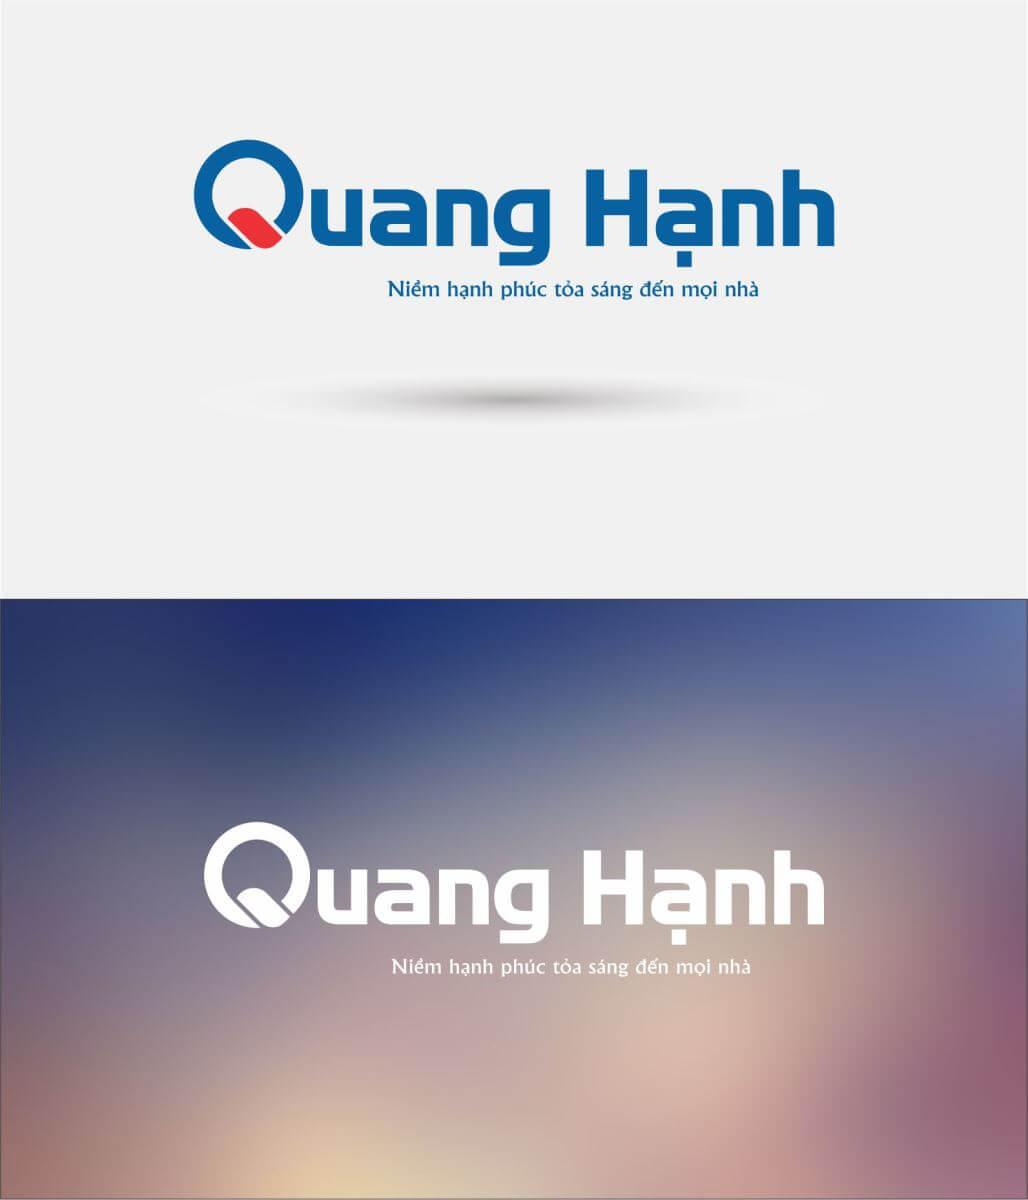 thiết kế logo quang hạnh